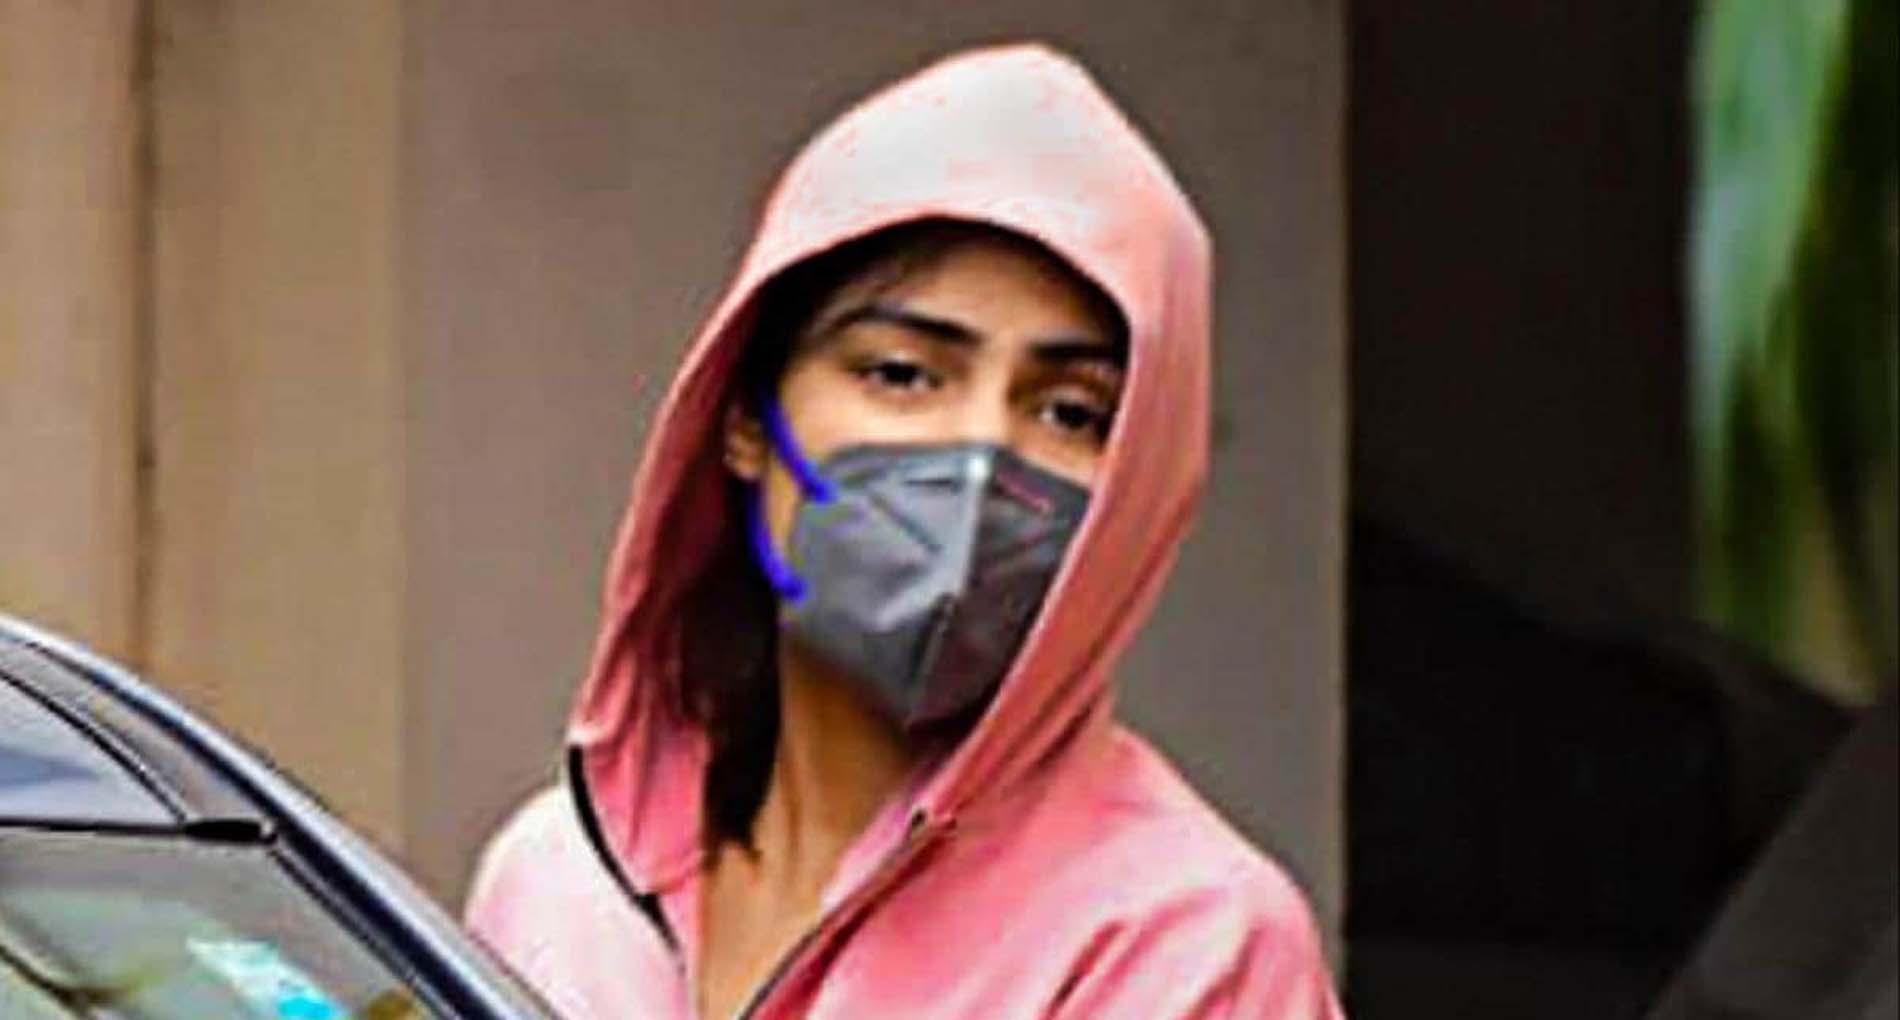 2017 से एक्टिव था रिया का ड्रग्स ग्रुप! फॉरेंसिक जांच में सामने आए बॉलीवुड से जुड़े नाम